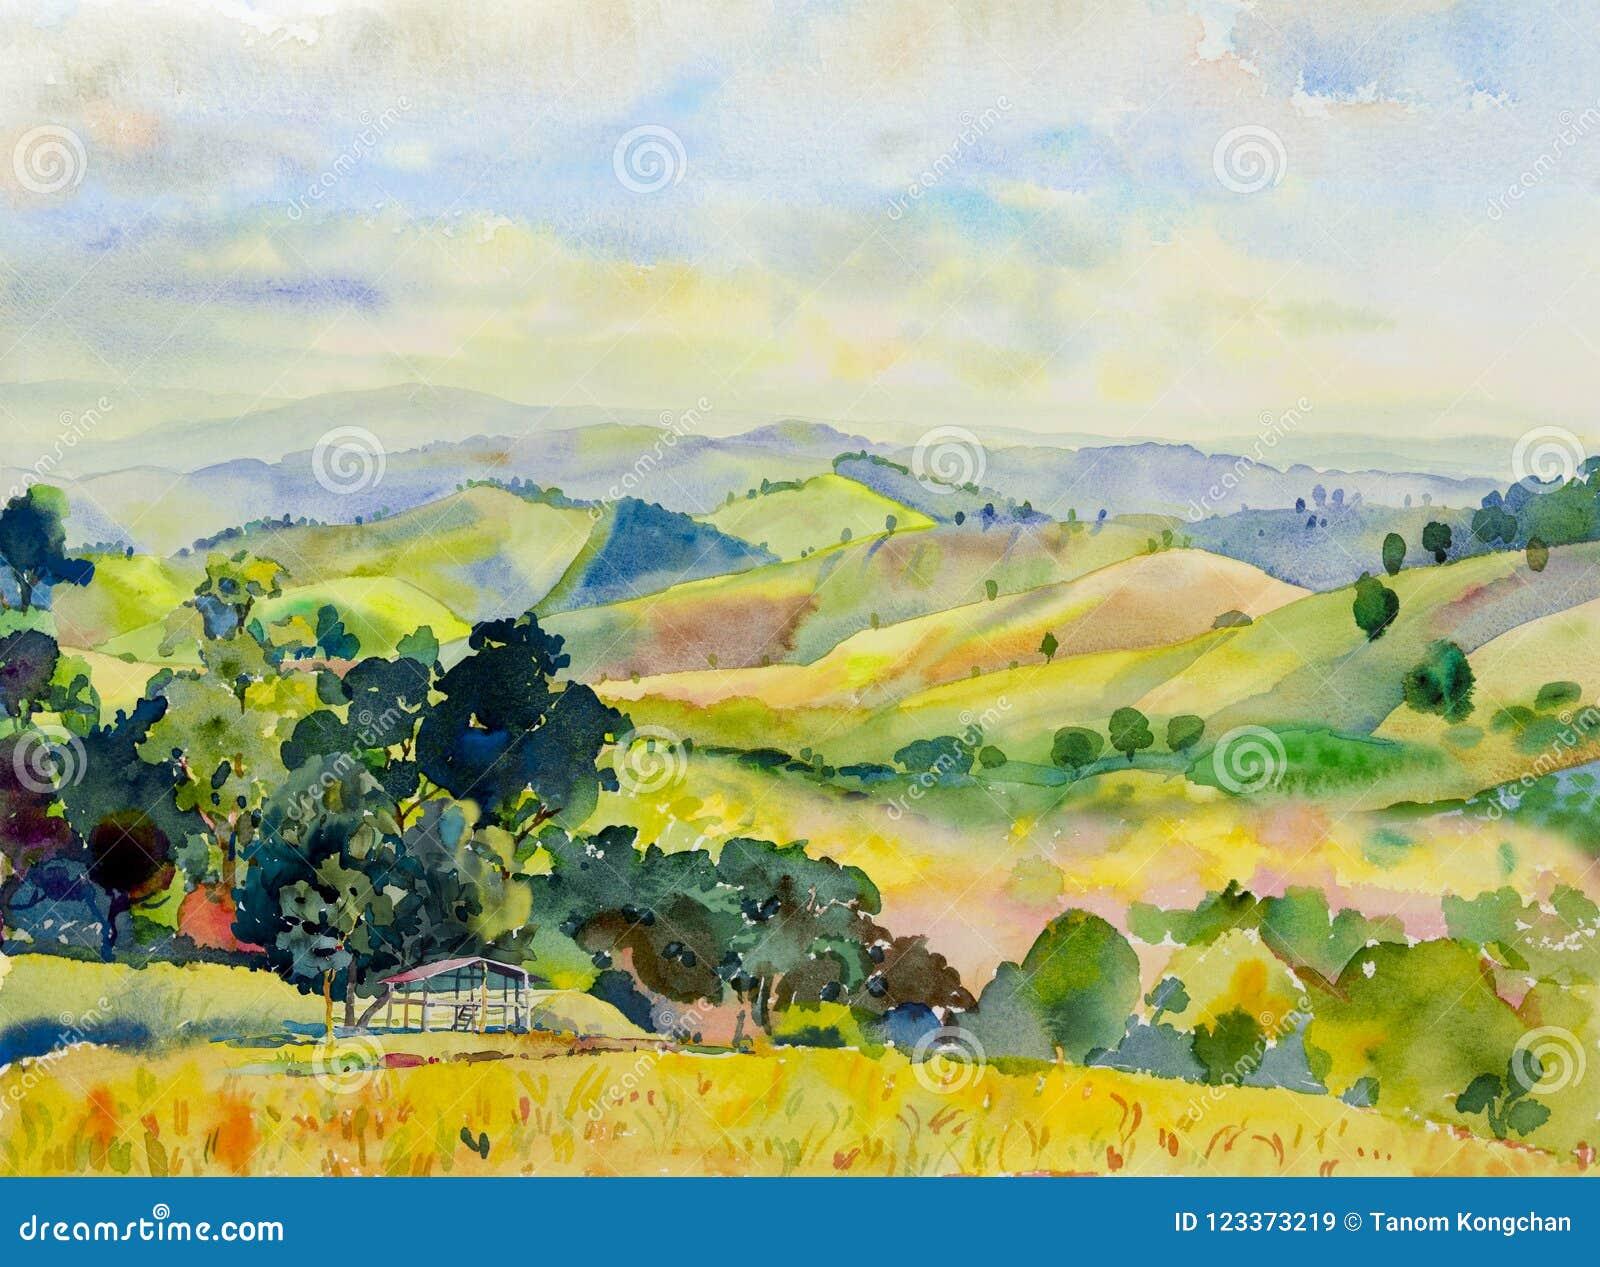 水彩山脉山水画与村庄的